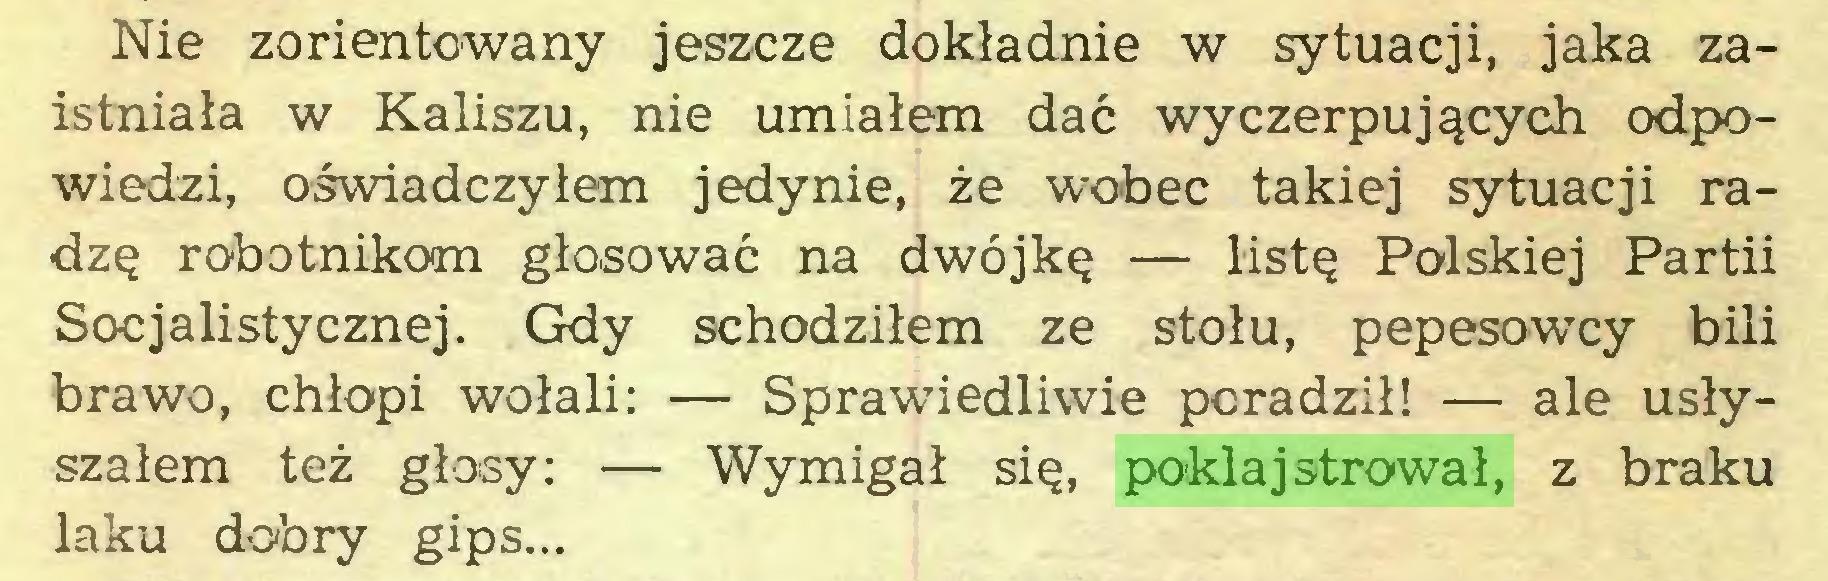 (...) Nie zorientowany jeszcze dokładnie w sytuacji, jaka zaistniała w Kaliszu, nie umiałem dać wyczerpujących odpowiedzi, oświadczyłem jedynie, że wobec takiej sytuacji radzę robotnikom głosować na dwójkę — listę Polskiej Partii Socjalistycznej. Gdy schodziłem ze stołu, pepesowcy bili brawo, chłopi wołali: — Sprawiedliwie poradził! — ale usłyszałem też głosy: — Wymigał się, poklajstrował, z braku laku dobry gips...